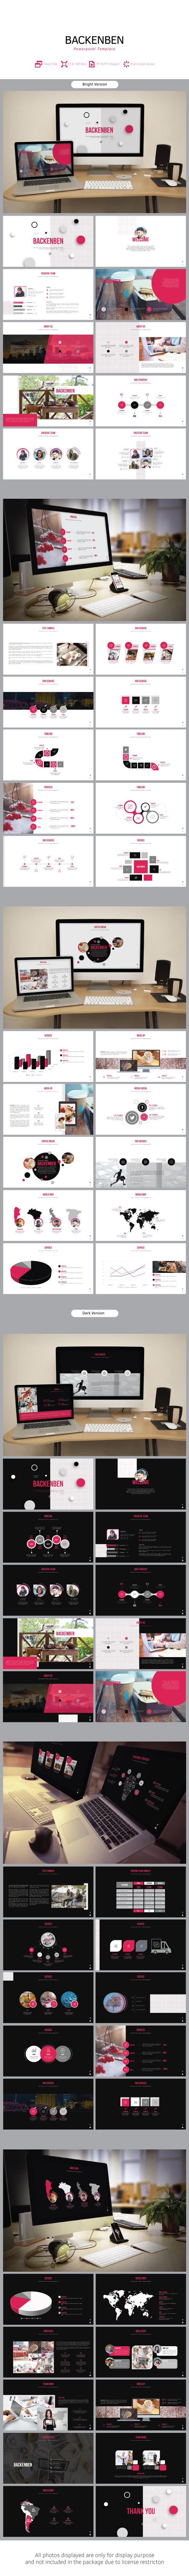 Backenben Presentation Powerpoint - PowerPoint Templates Presentation Templates